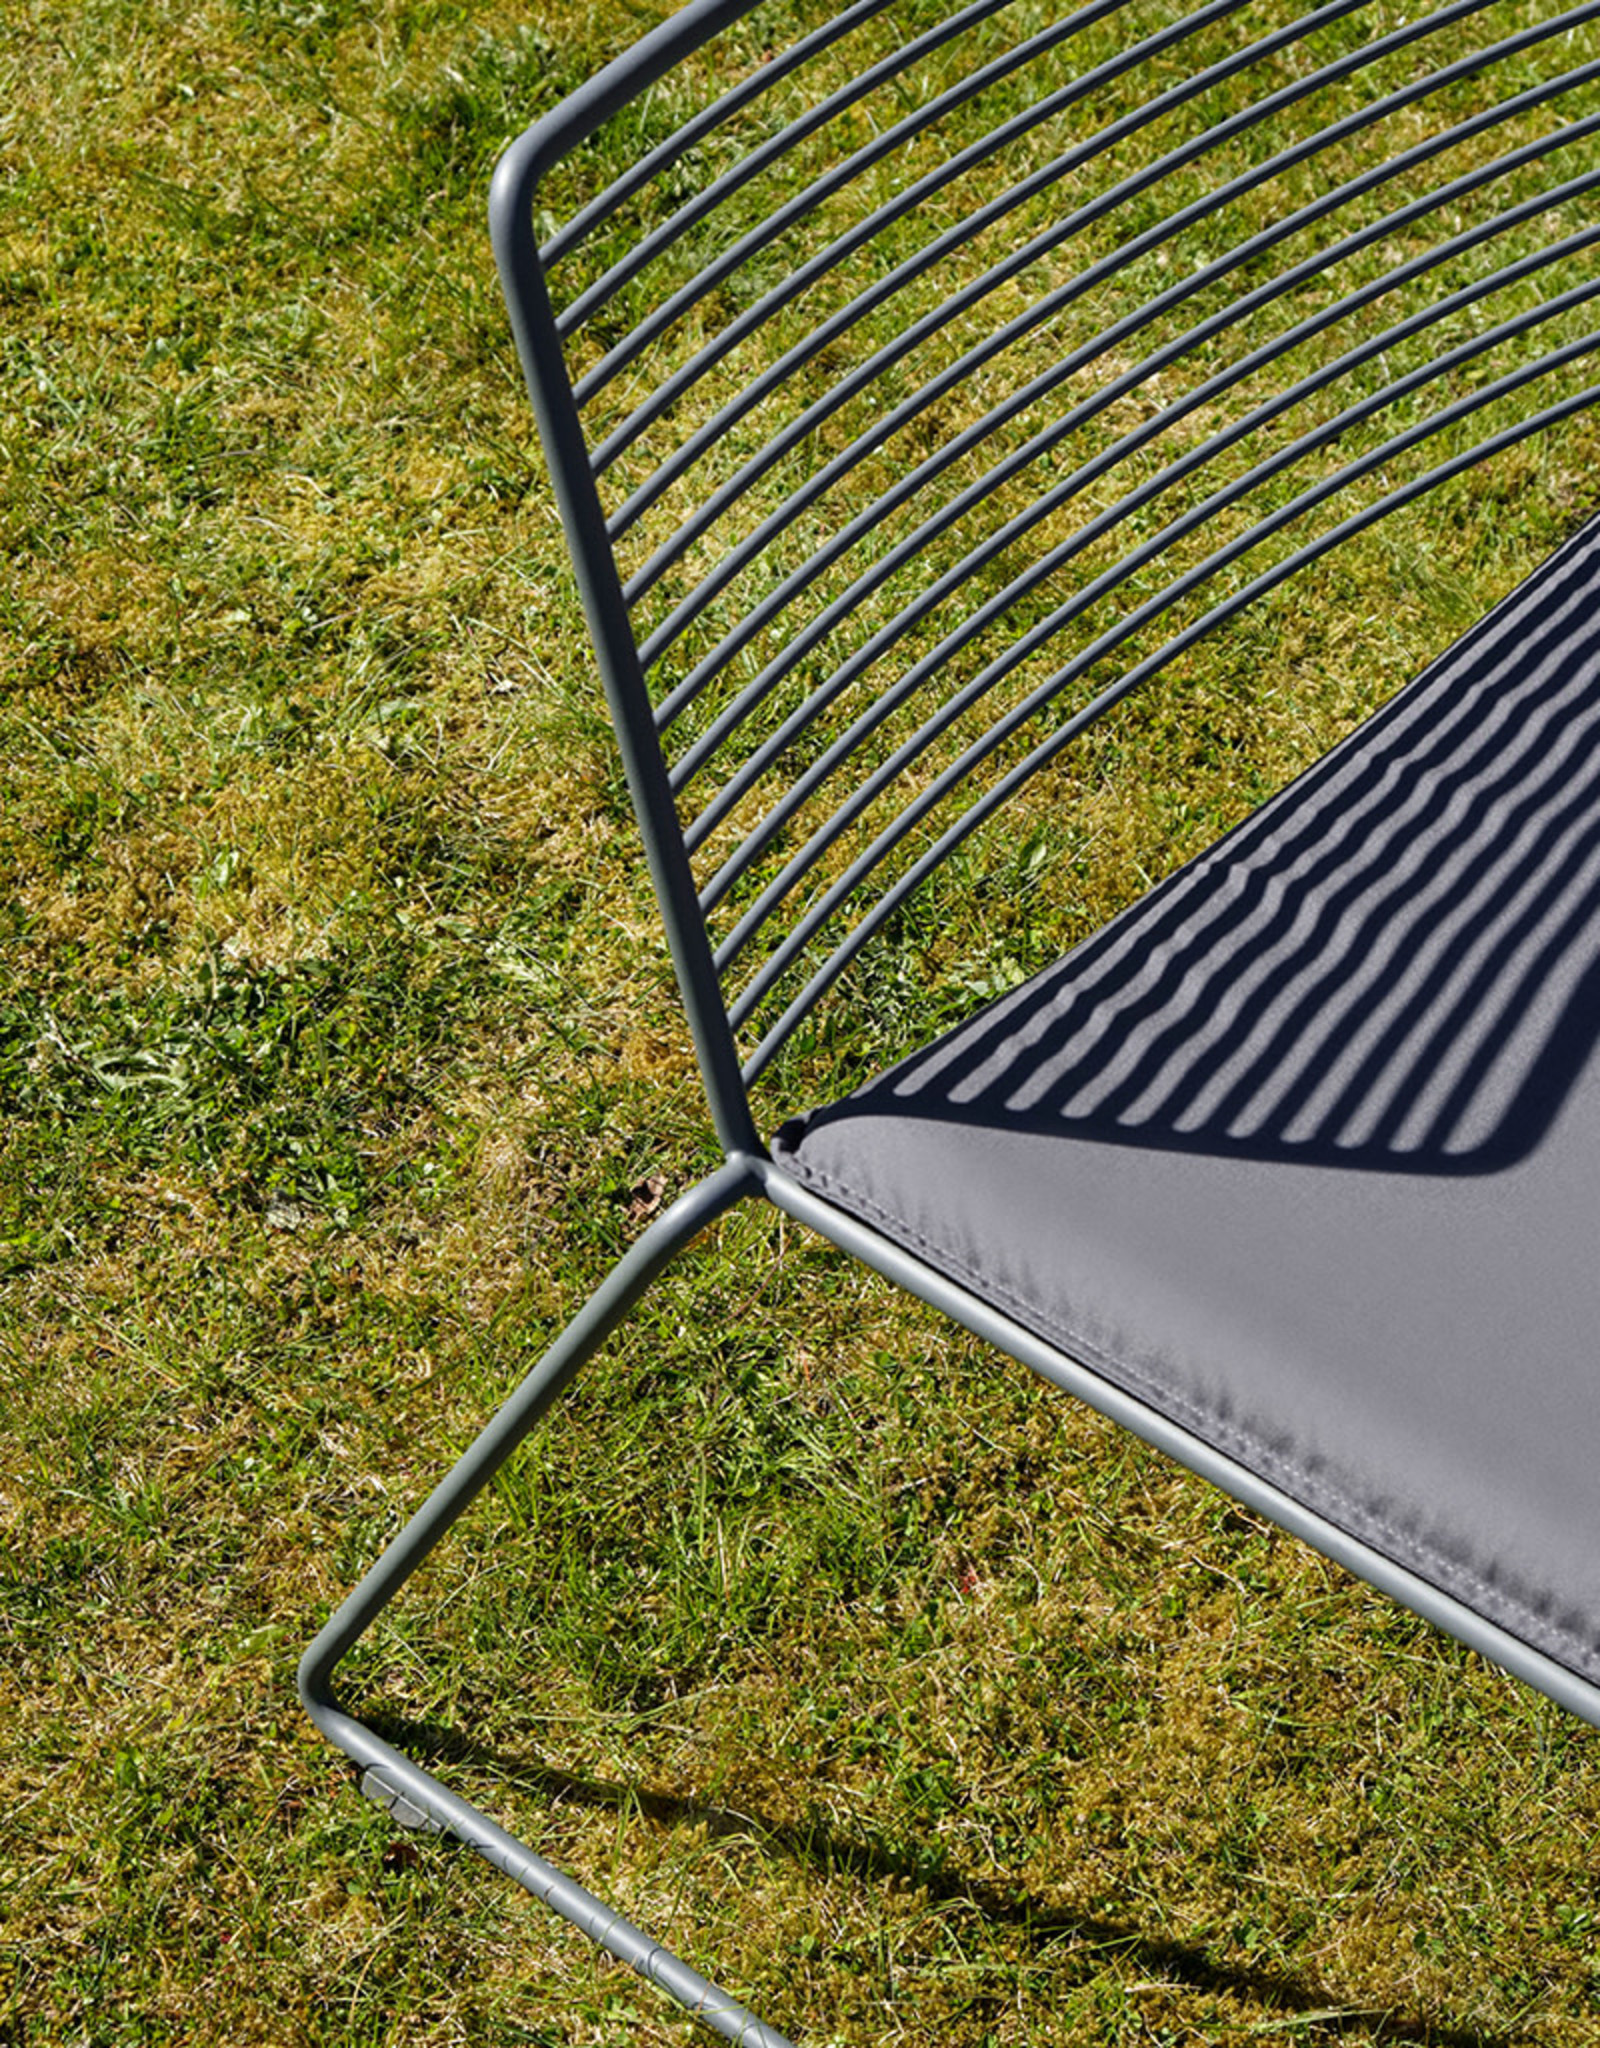 HAY HAY Hee Lounge Chair Cushion